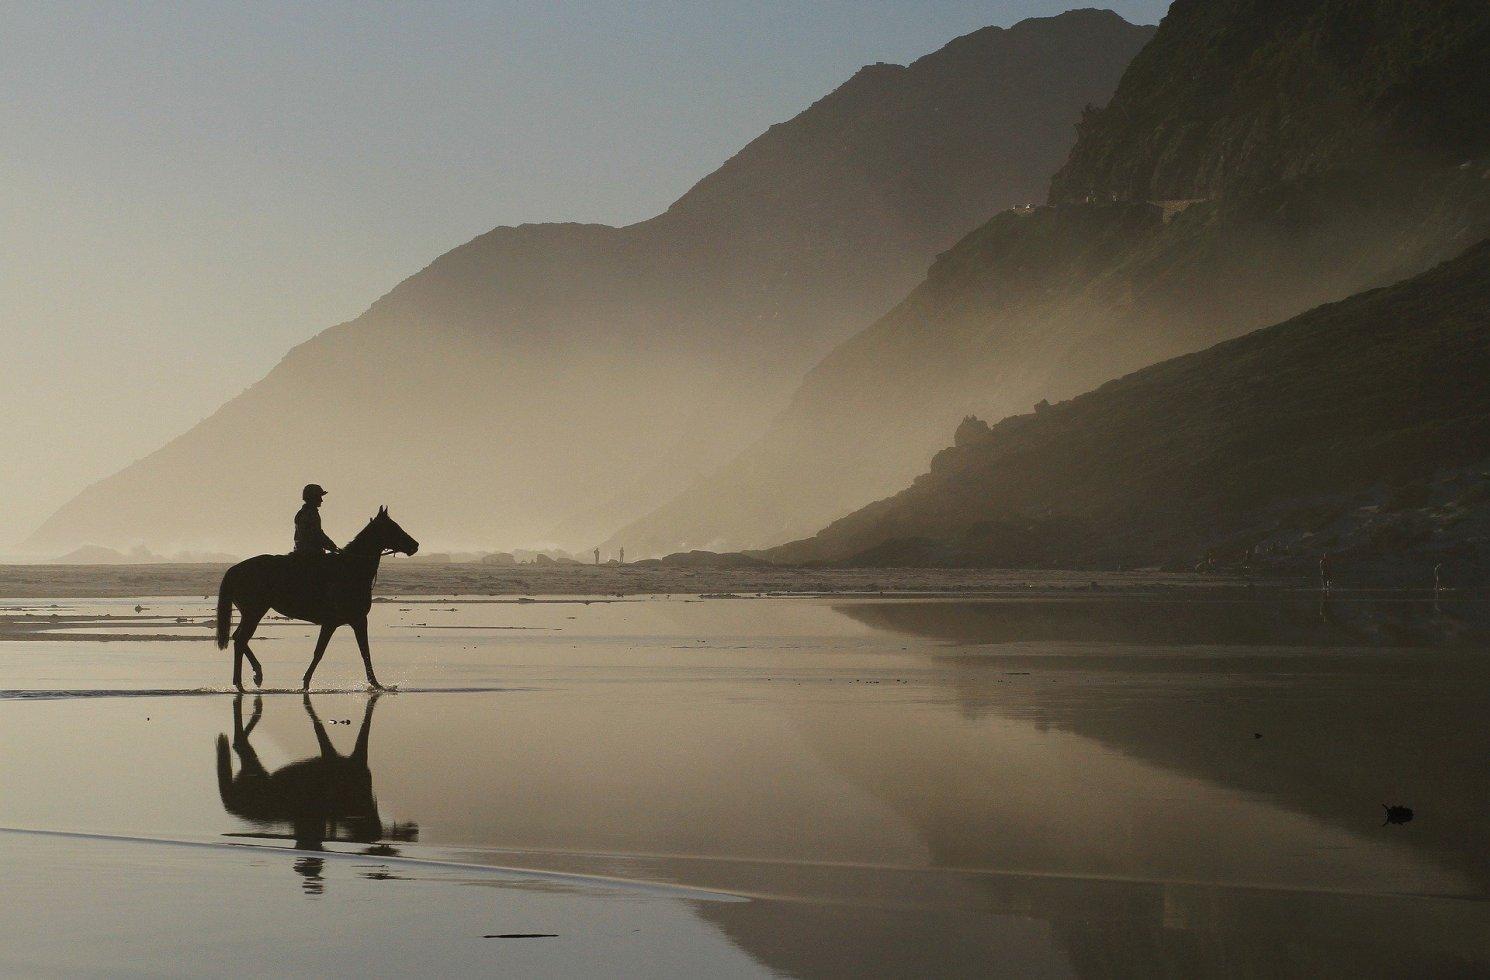 Working Holidays mit Pferden